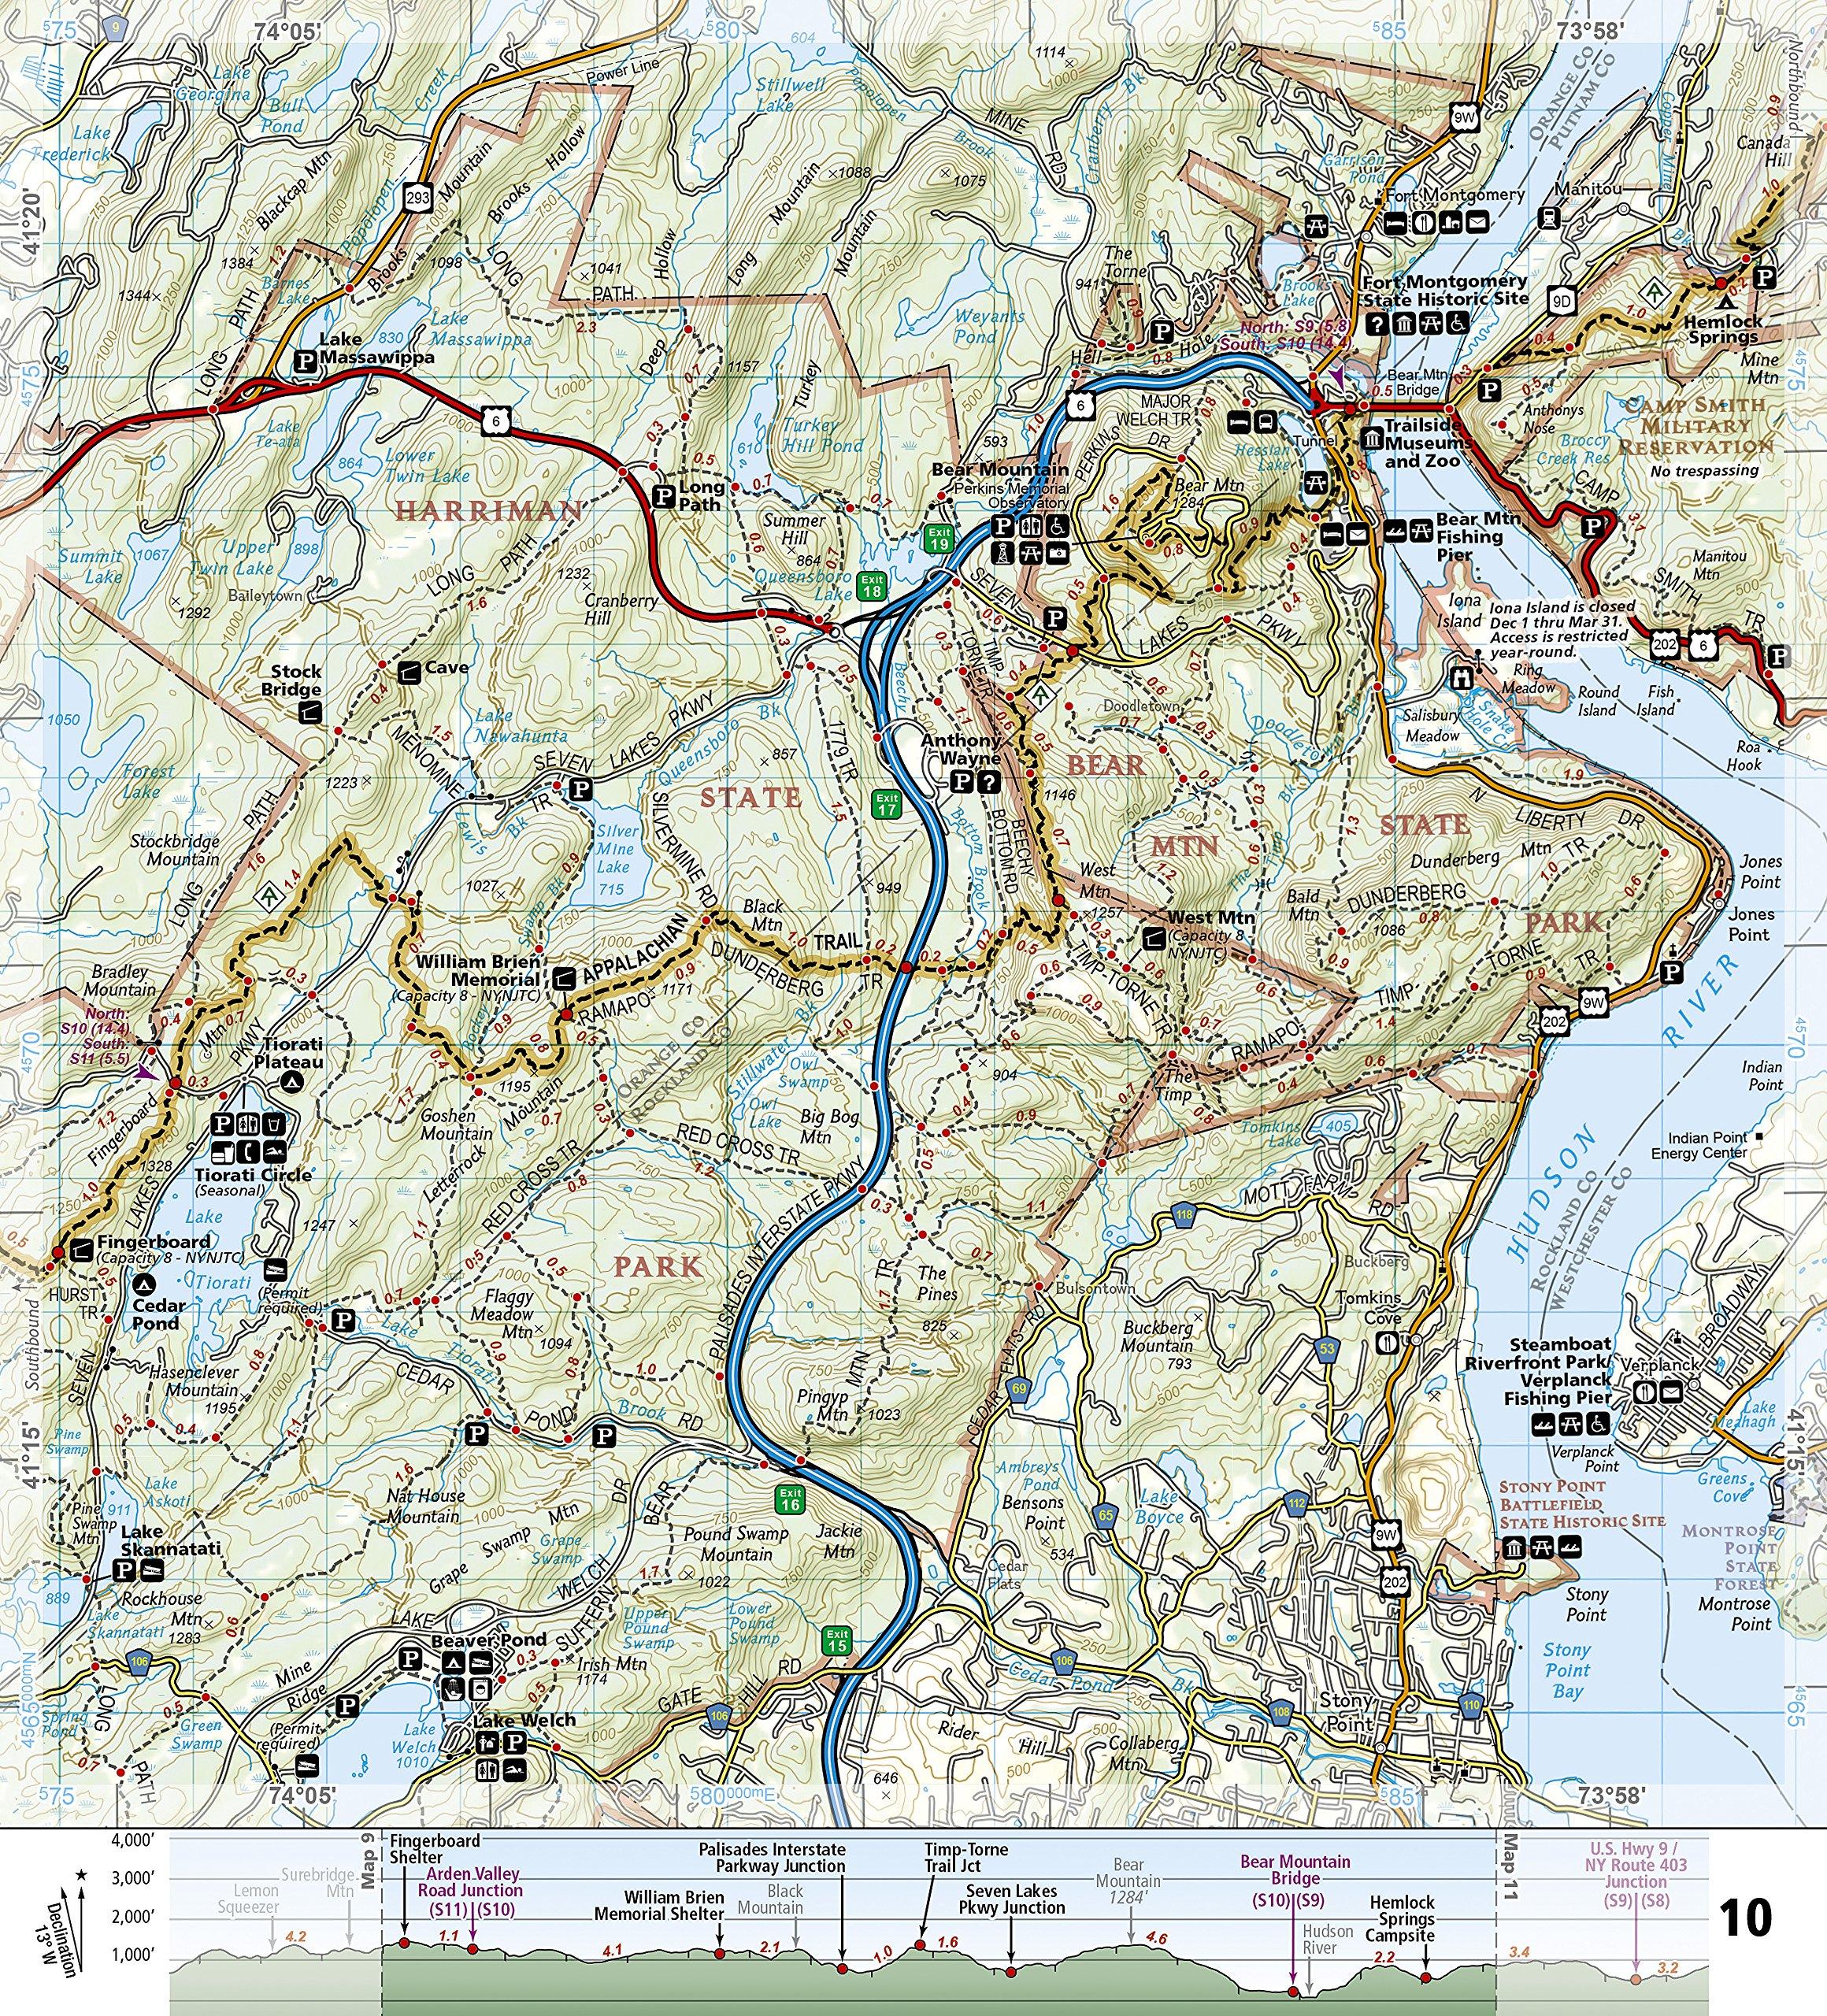 Appalachian Trail, Delaware Water Gap to Schaghticoke Mountain new on